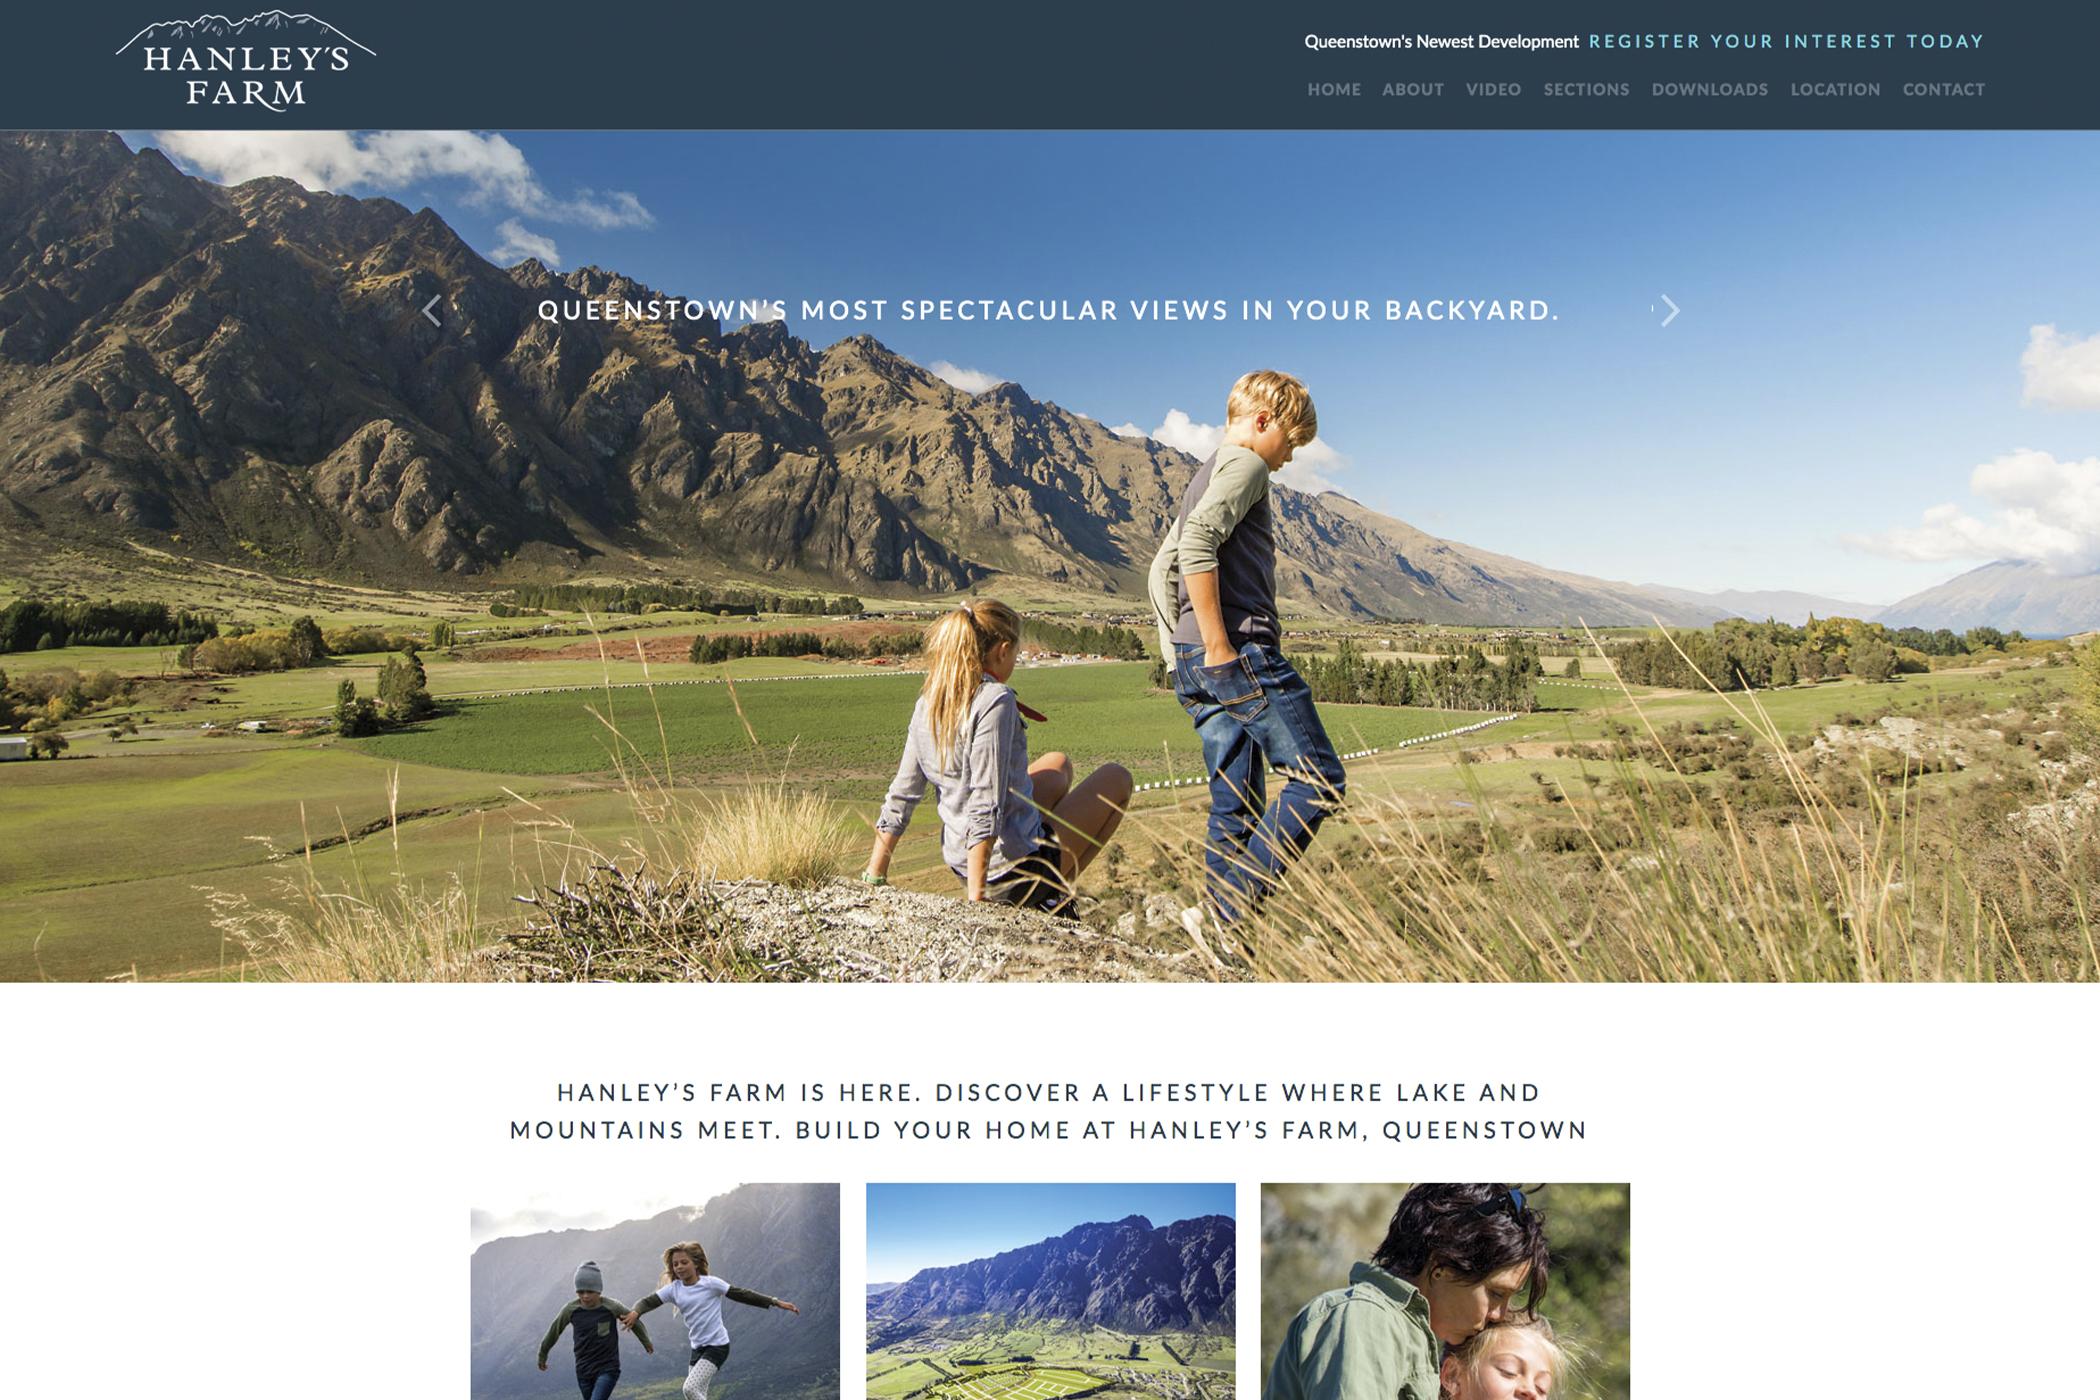 Hanleys-Farm-Website-Mockup